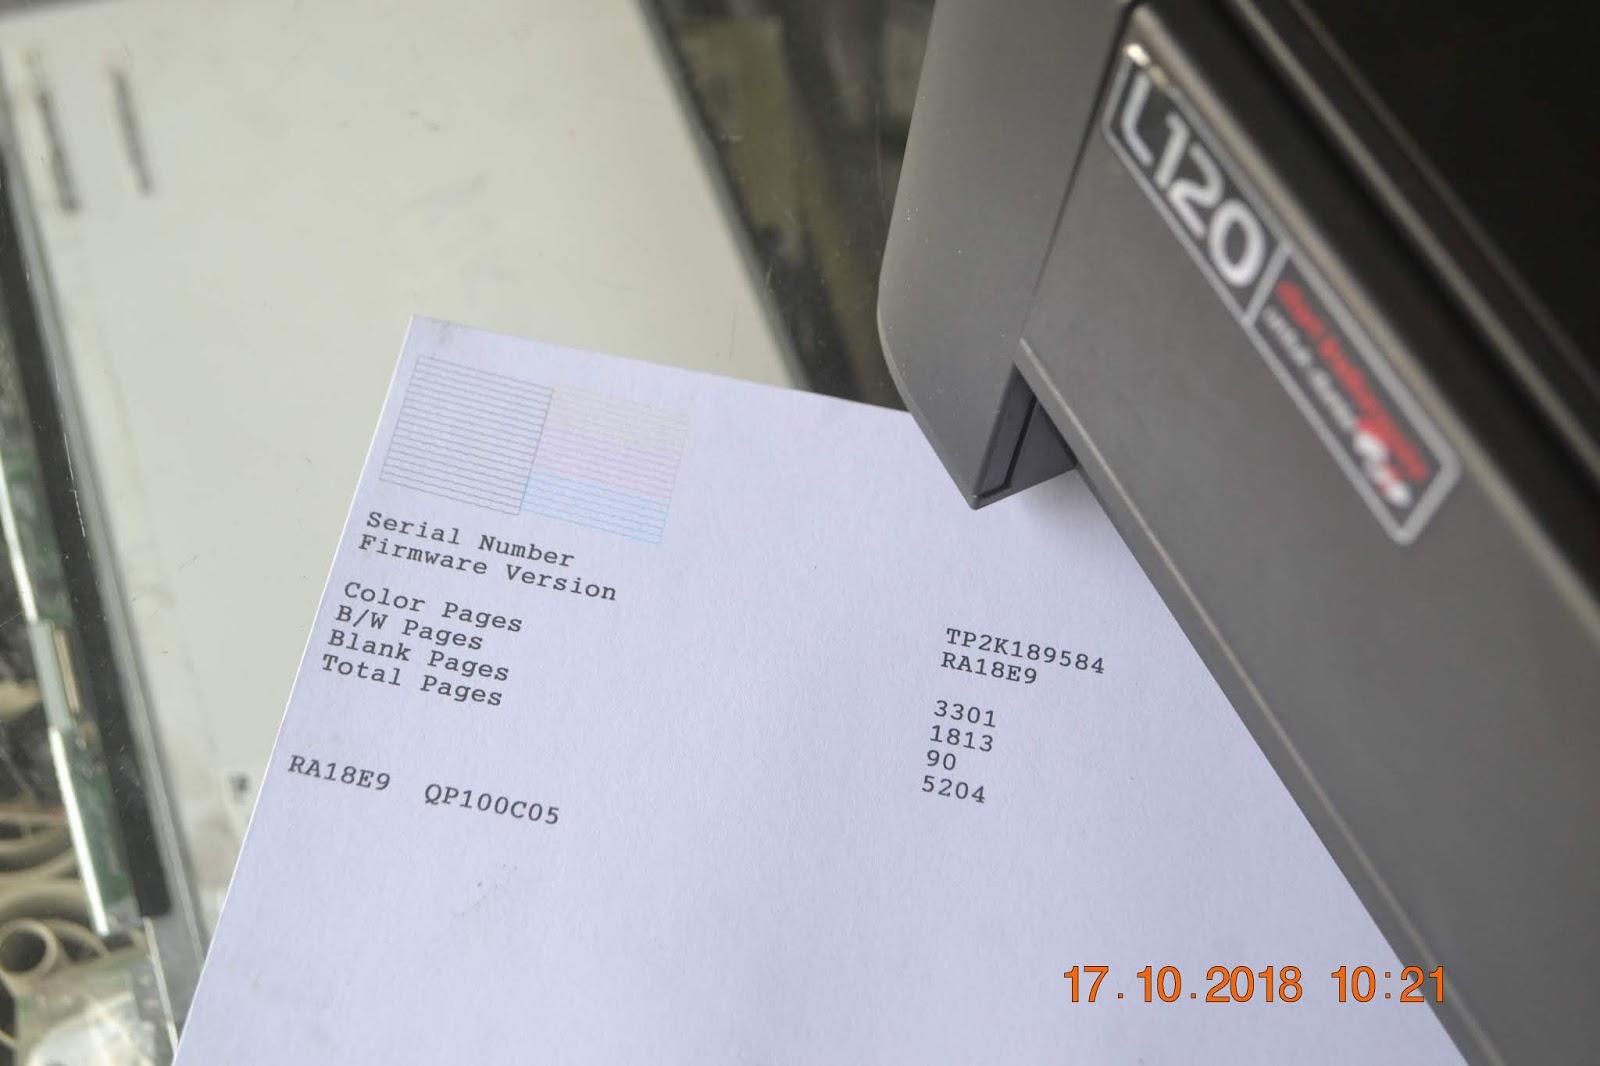 Printer Bekas Epson L120 Service Laptop Servis Bergaransi Tinta Mengisinya Melalui Original Atau Yg Bermerk Dan Sudah Dikenal Kwalitasnya Yang Disediakan Oleh Dengan Harga Terjangkau